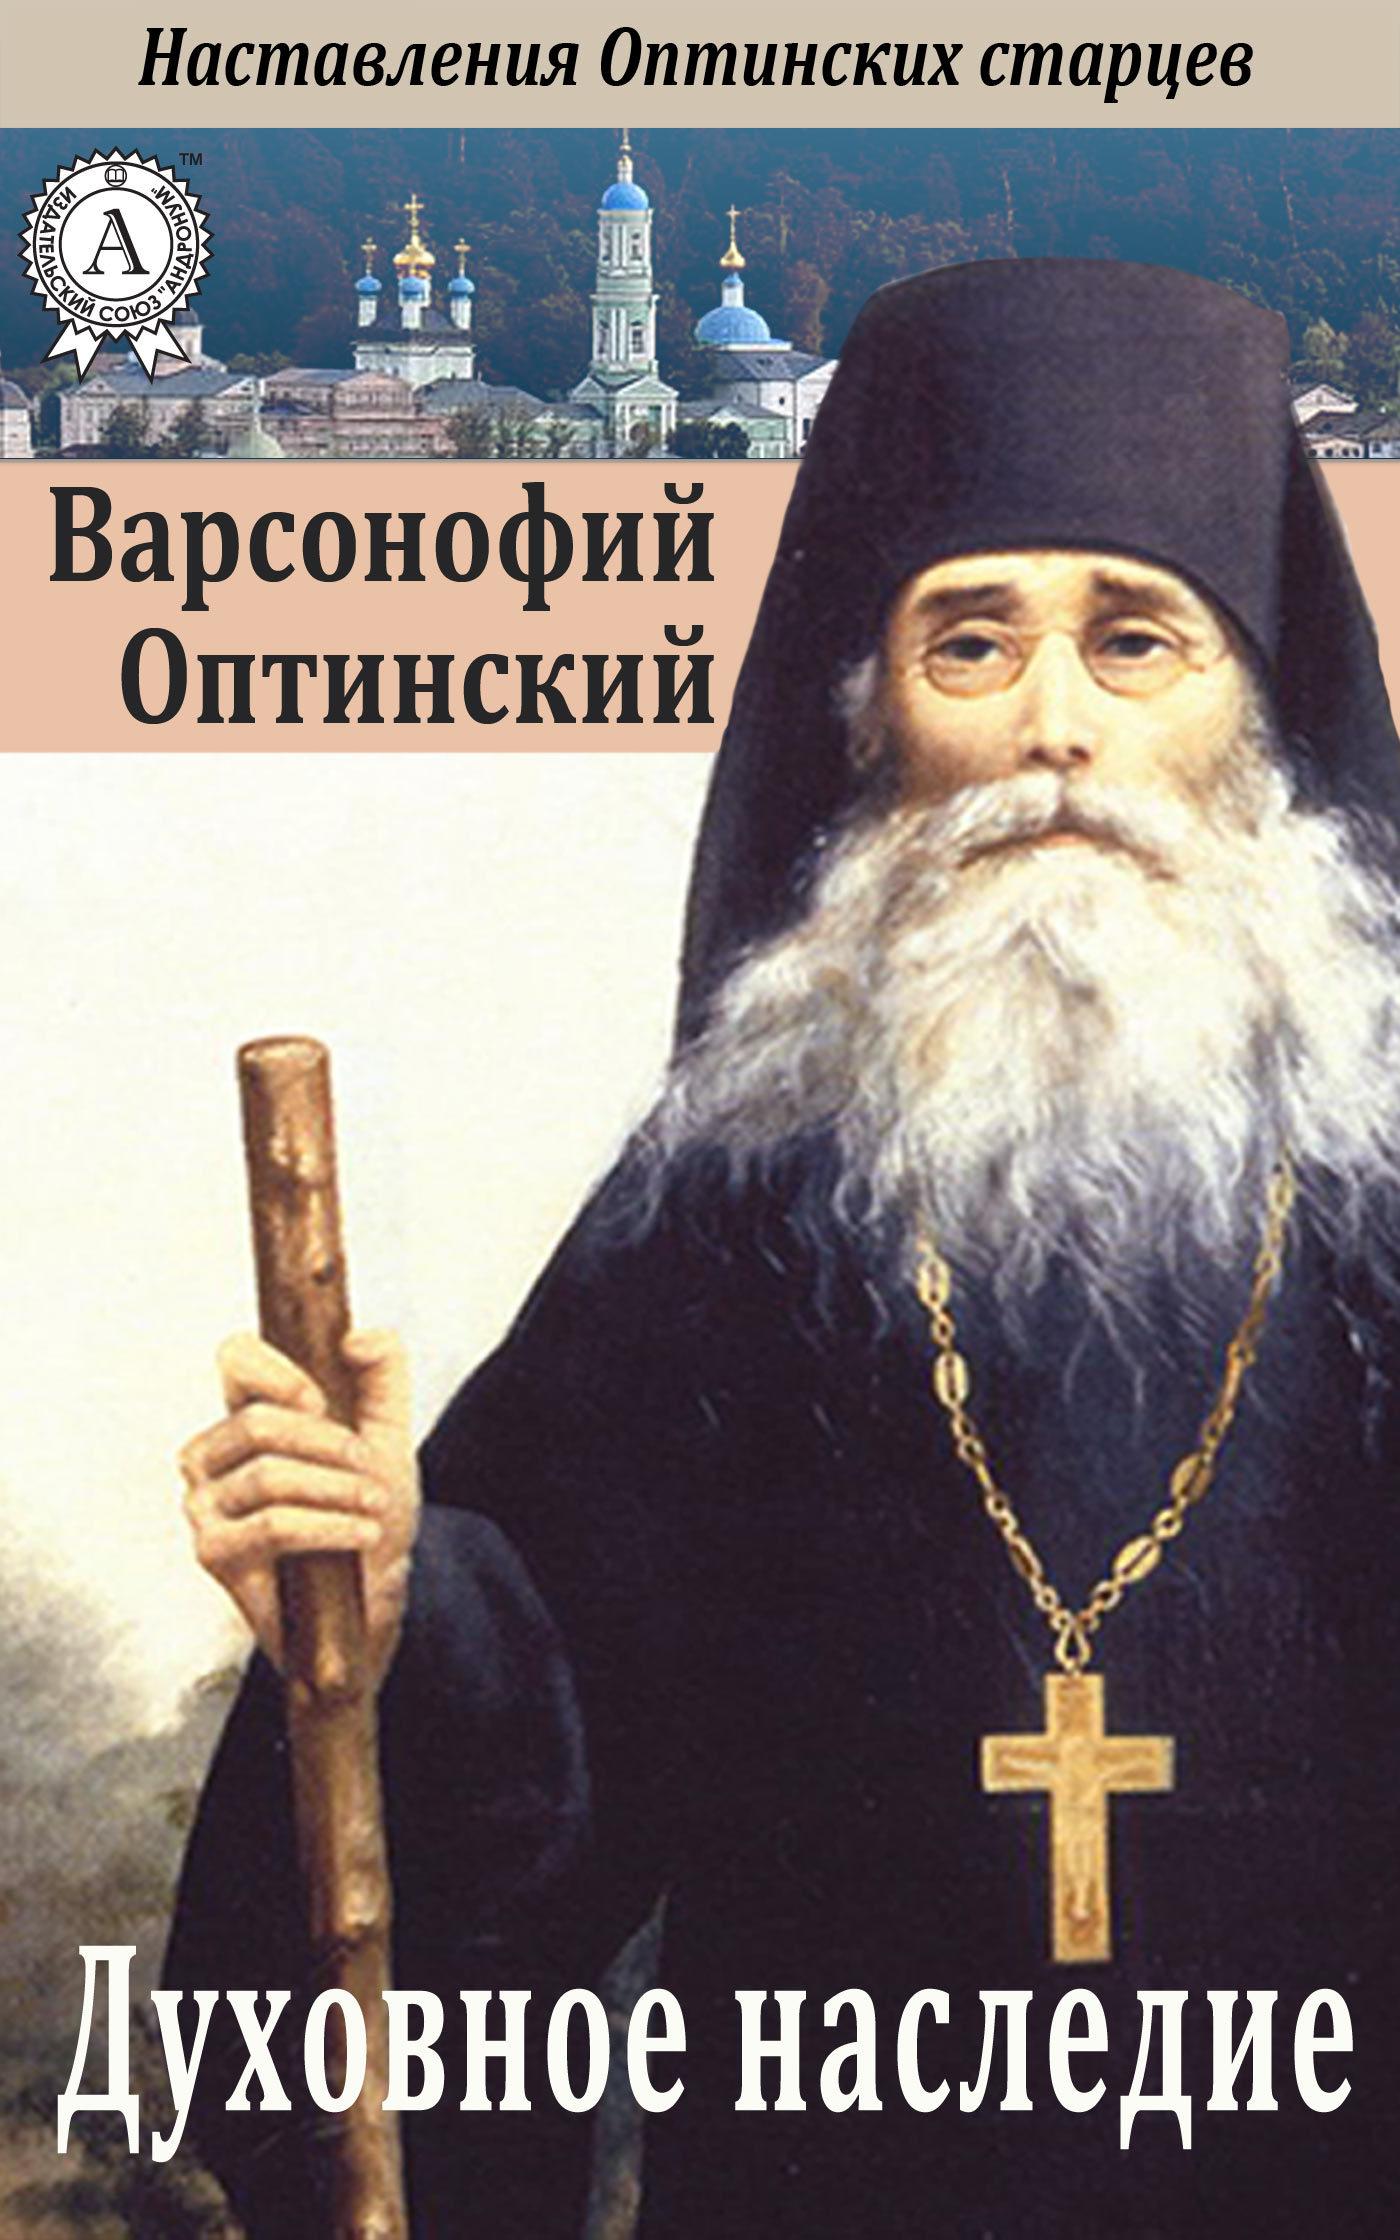 Скачать Духовное наследие бесплатно Варсонофий Оптинский Преподобный